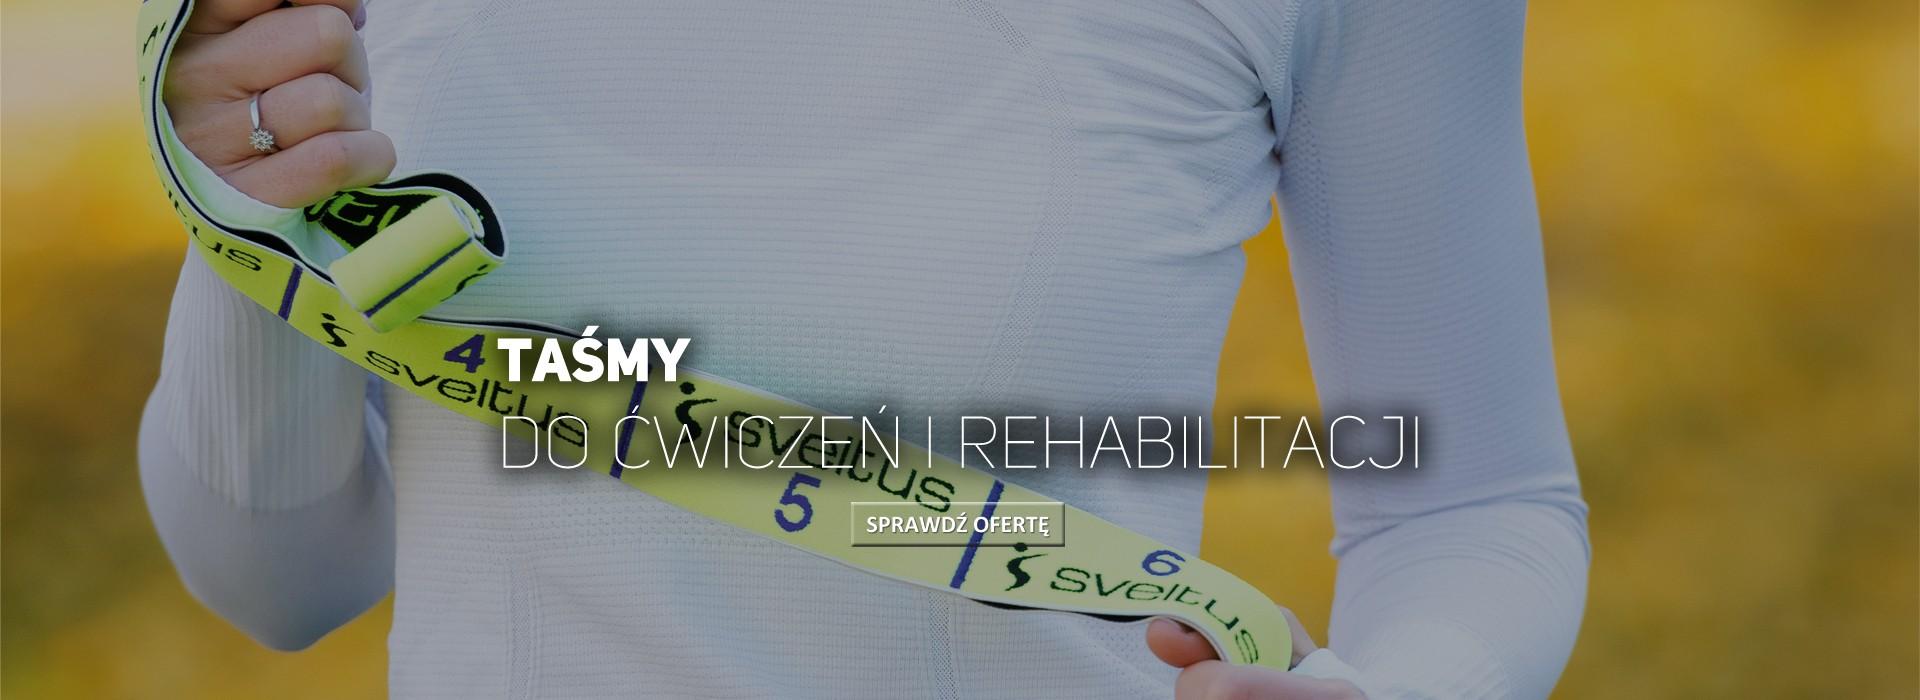 Taśmy do ćwiczeń i rehabilitacji